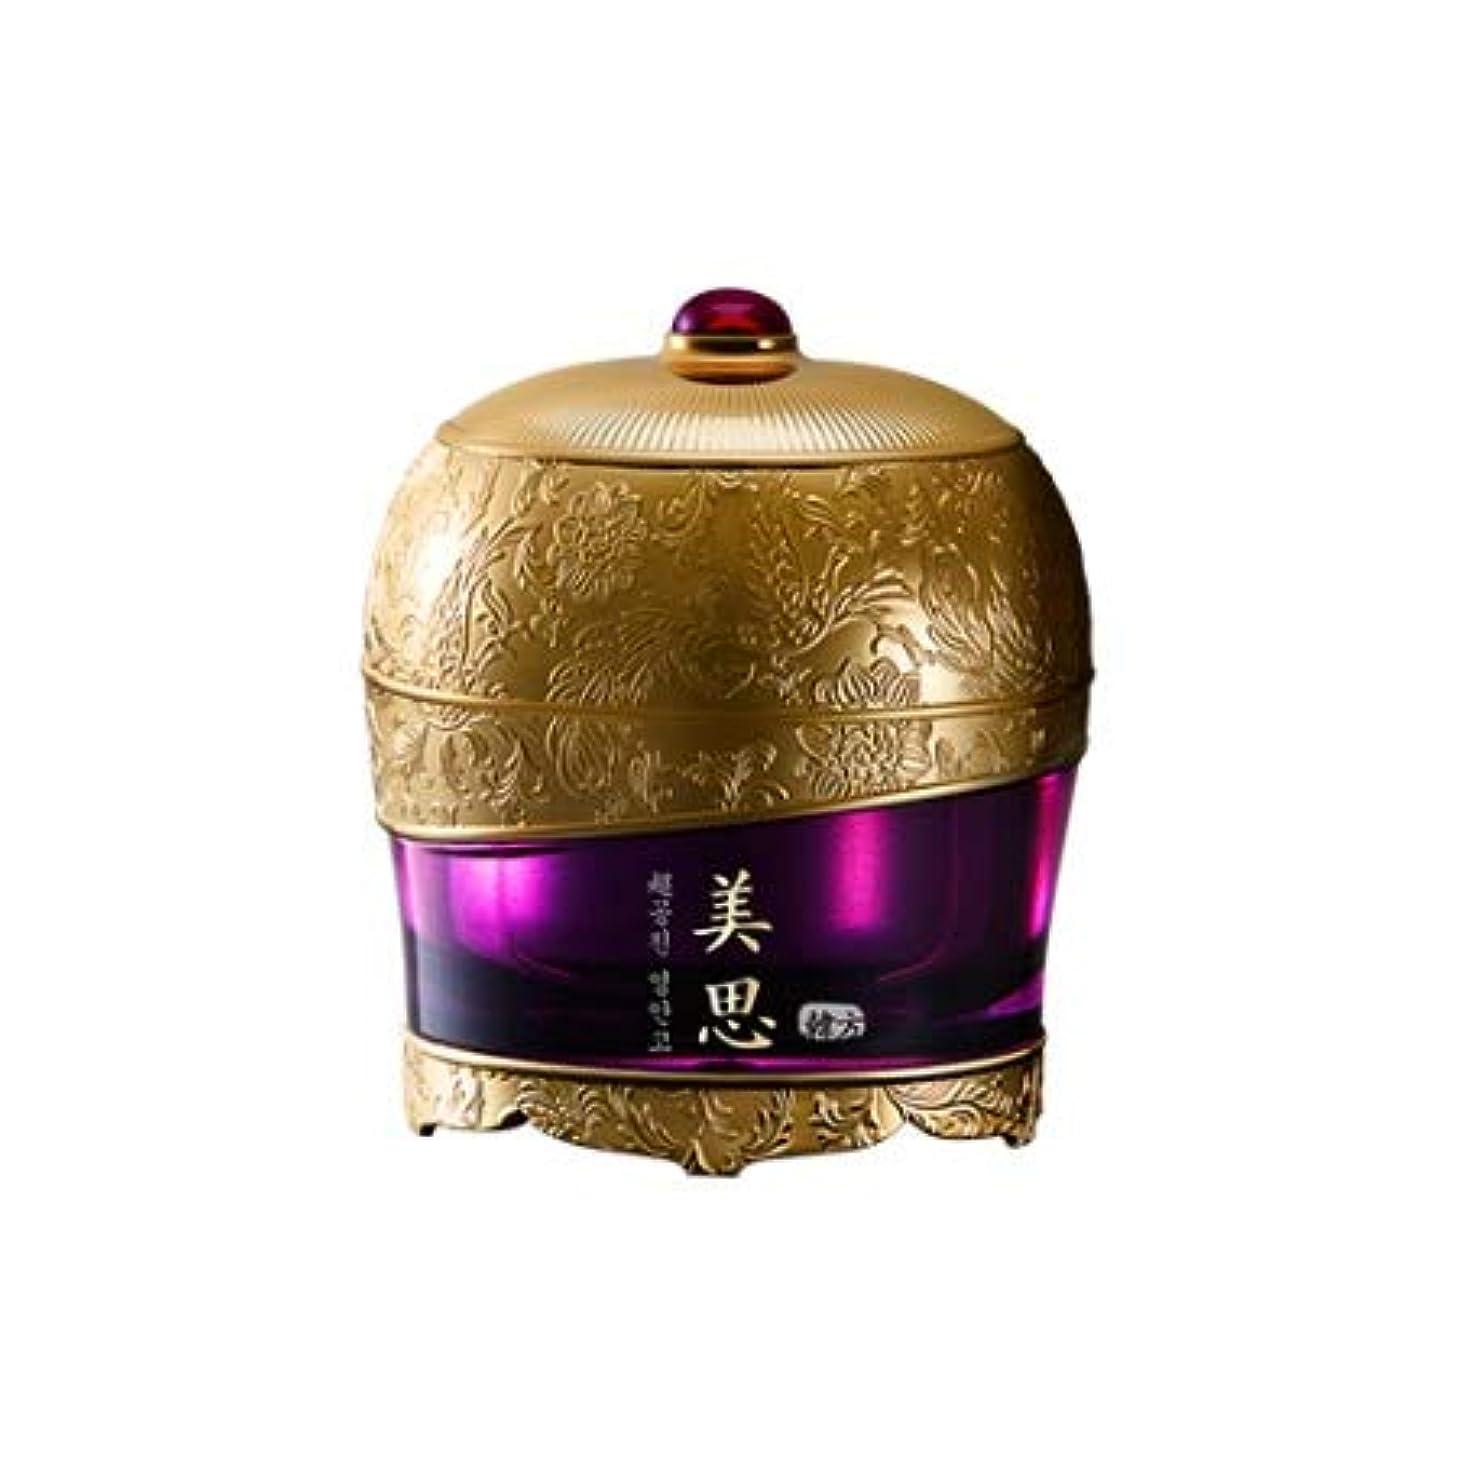 ヨーグルトうめき声アシュリータファーマンMISSHA Chogongjin Premium cream ミシャ美思超拱辰(チョゴンジン) 永安膏 クリーム クリーム 60ml [並行輸入品]